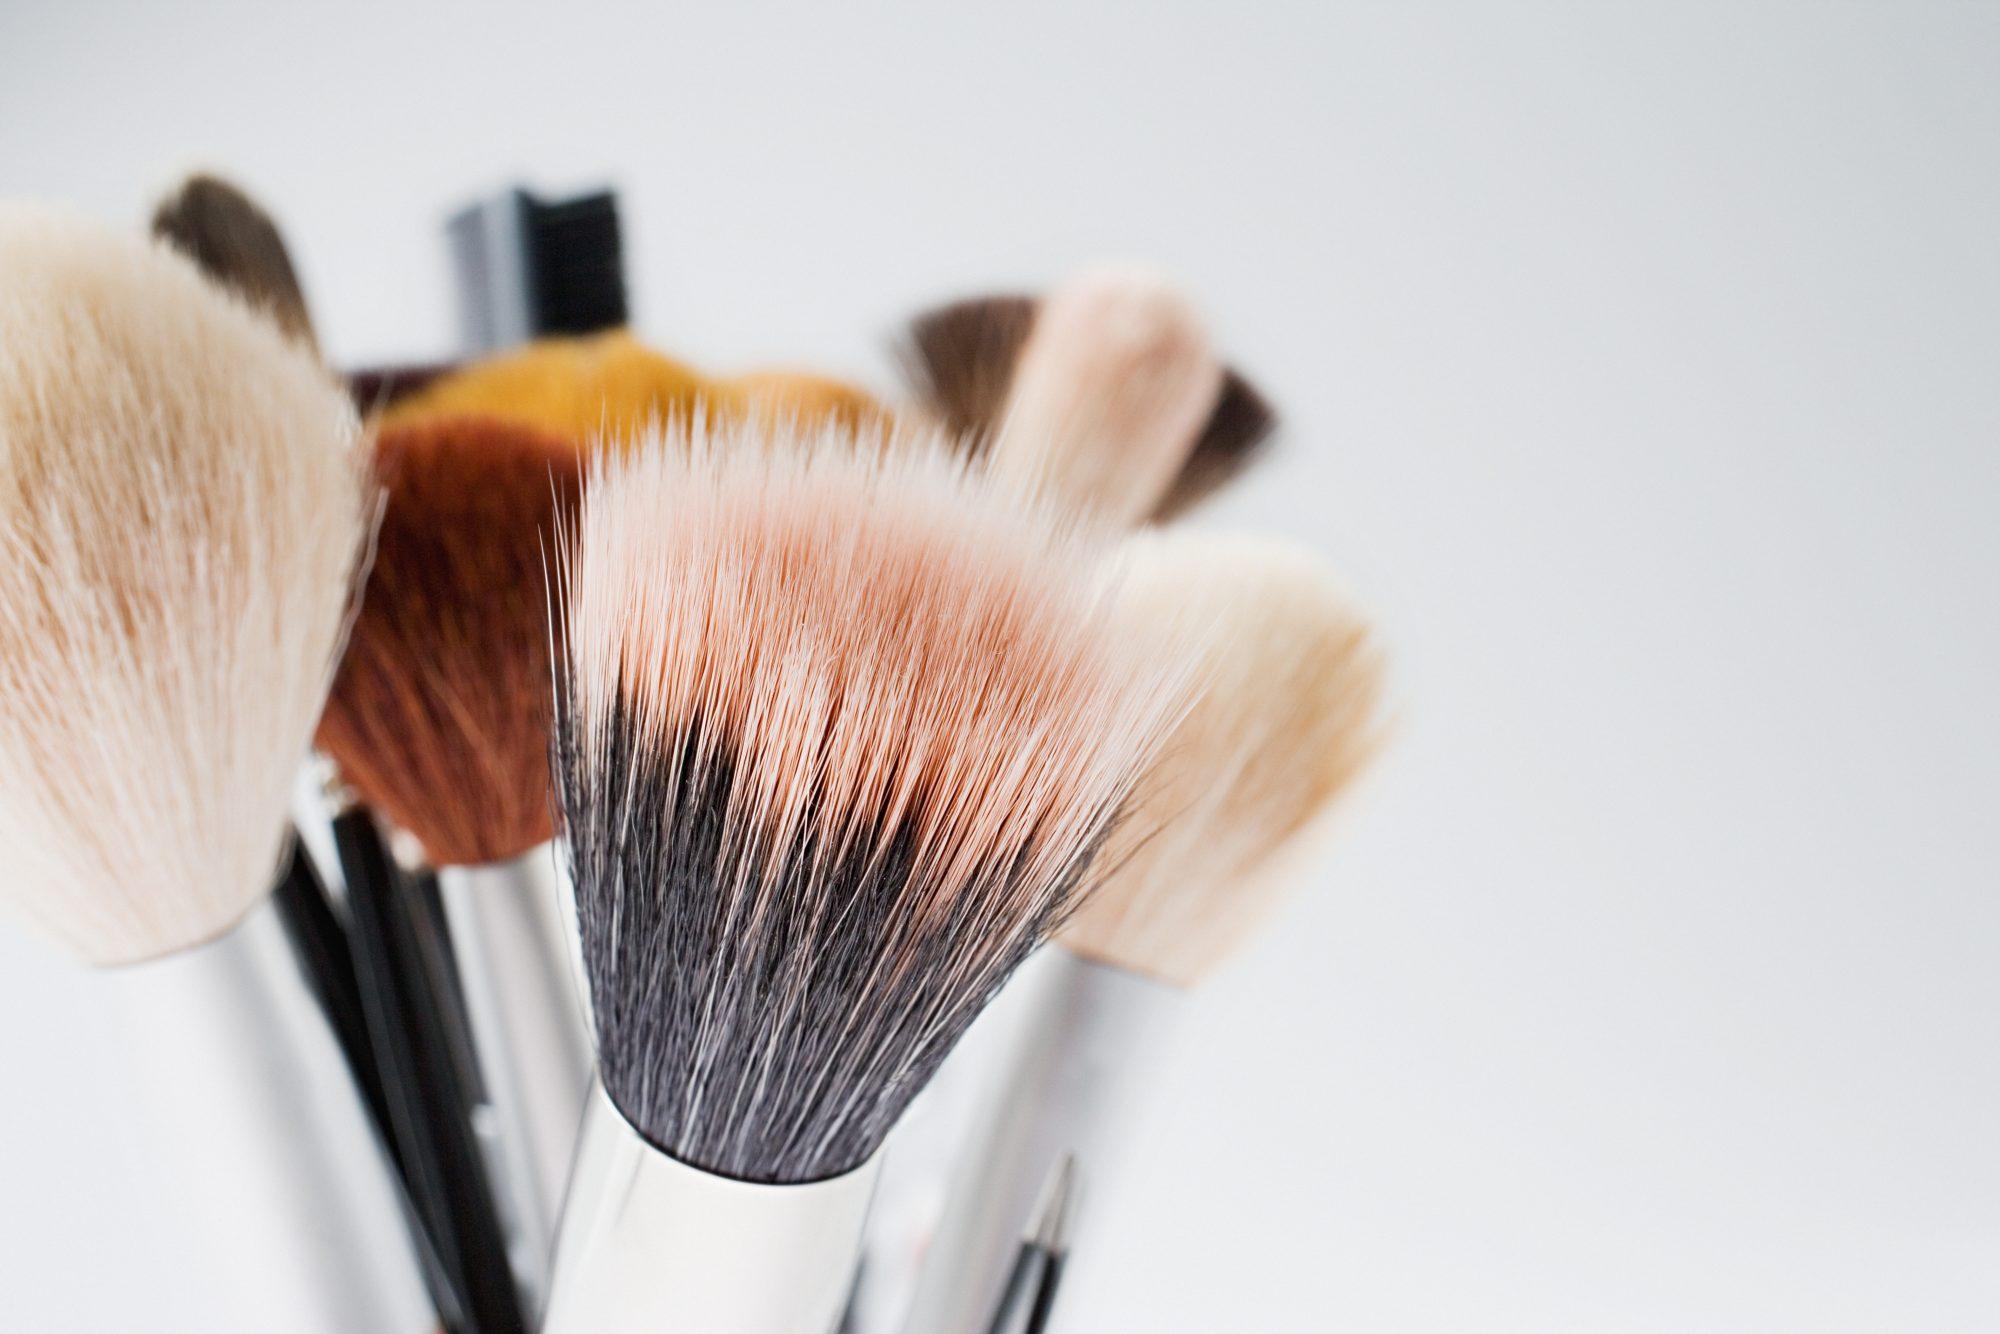 Consejos fáciles y prácticos para limpiar tus brochas de maquillaje